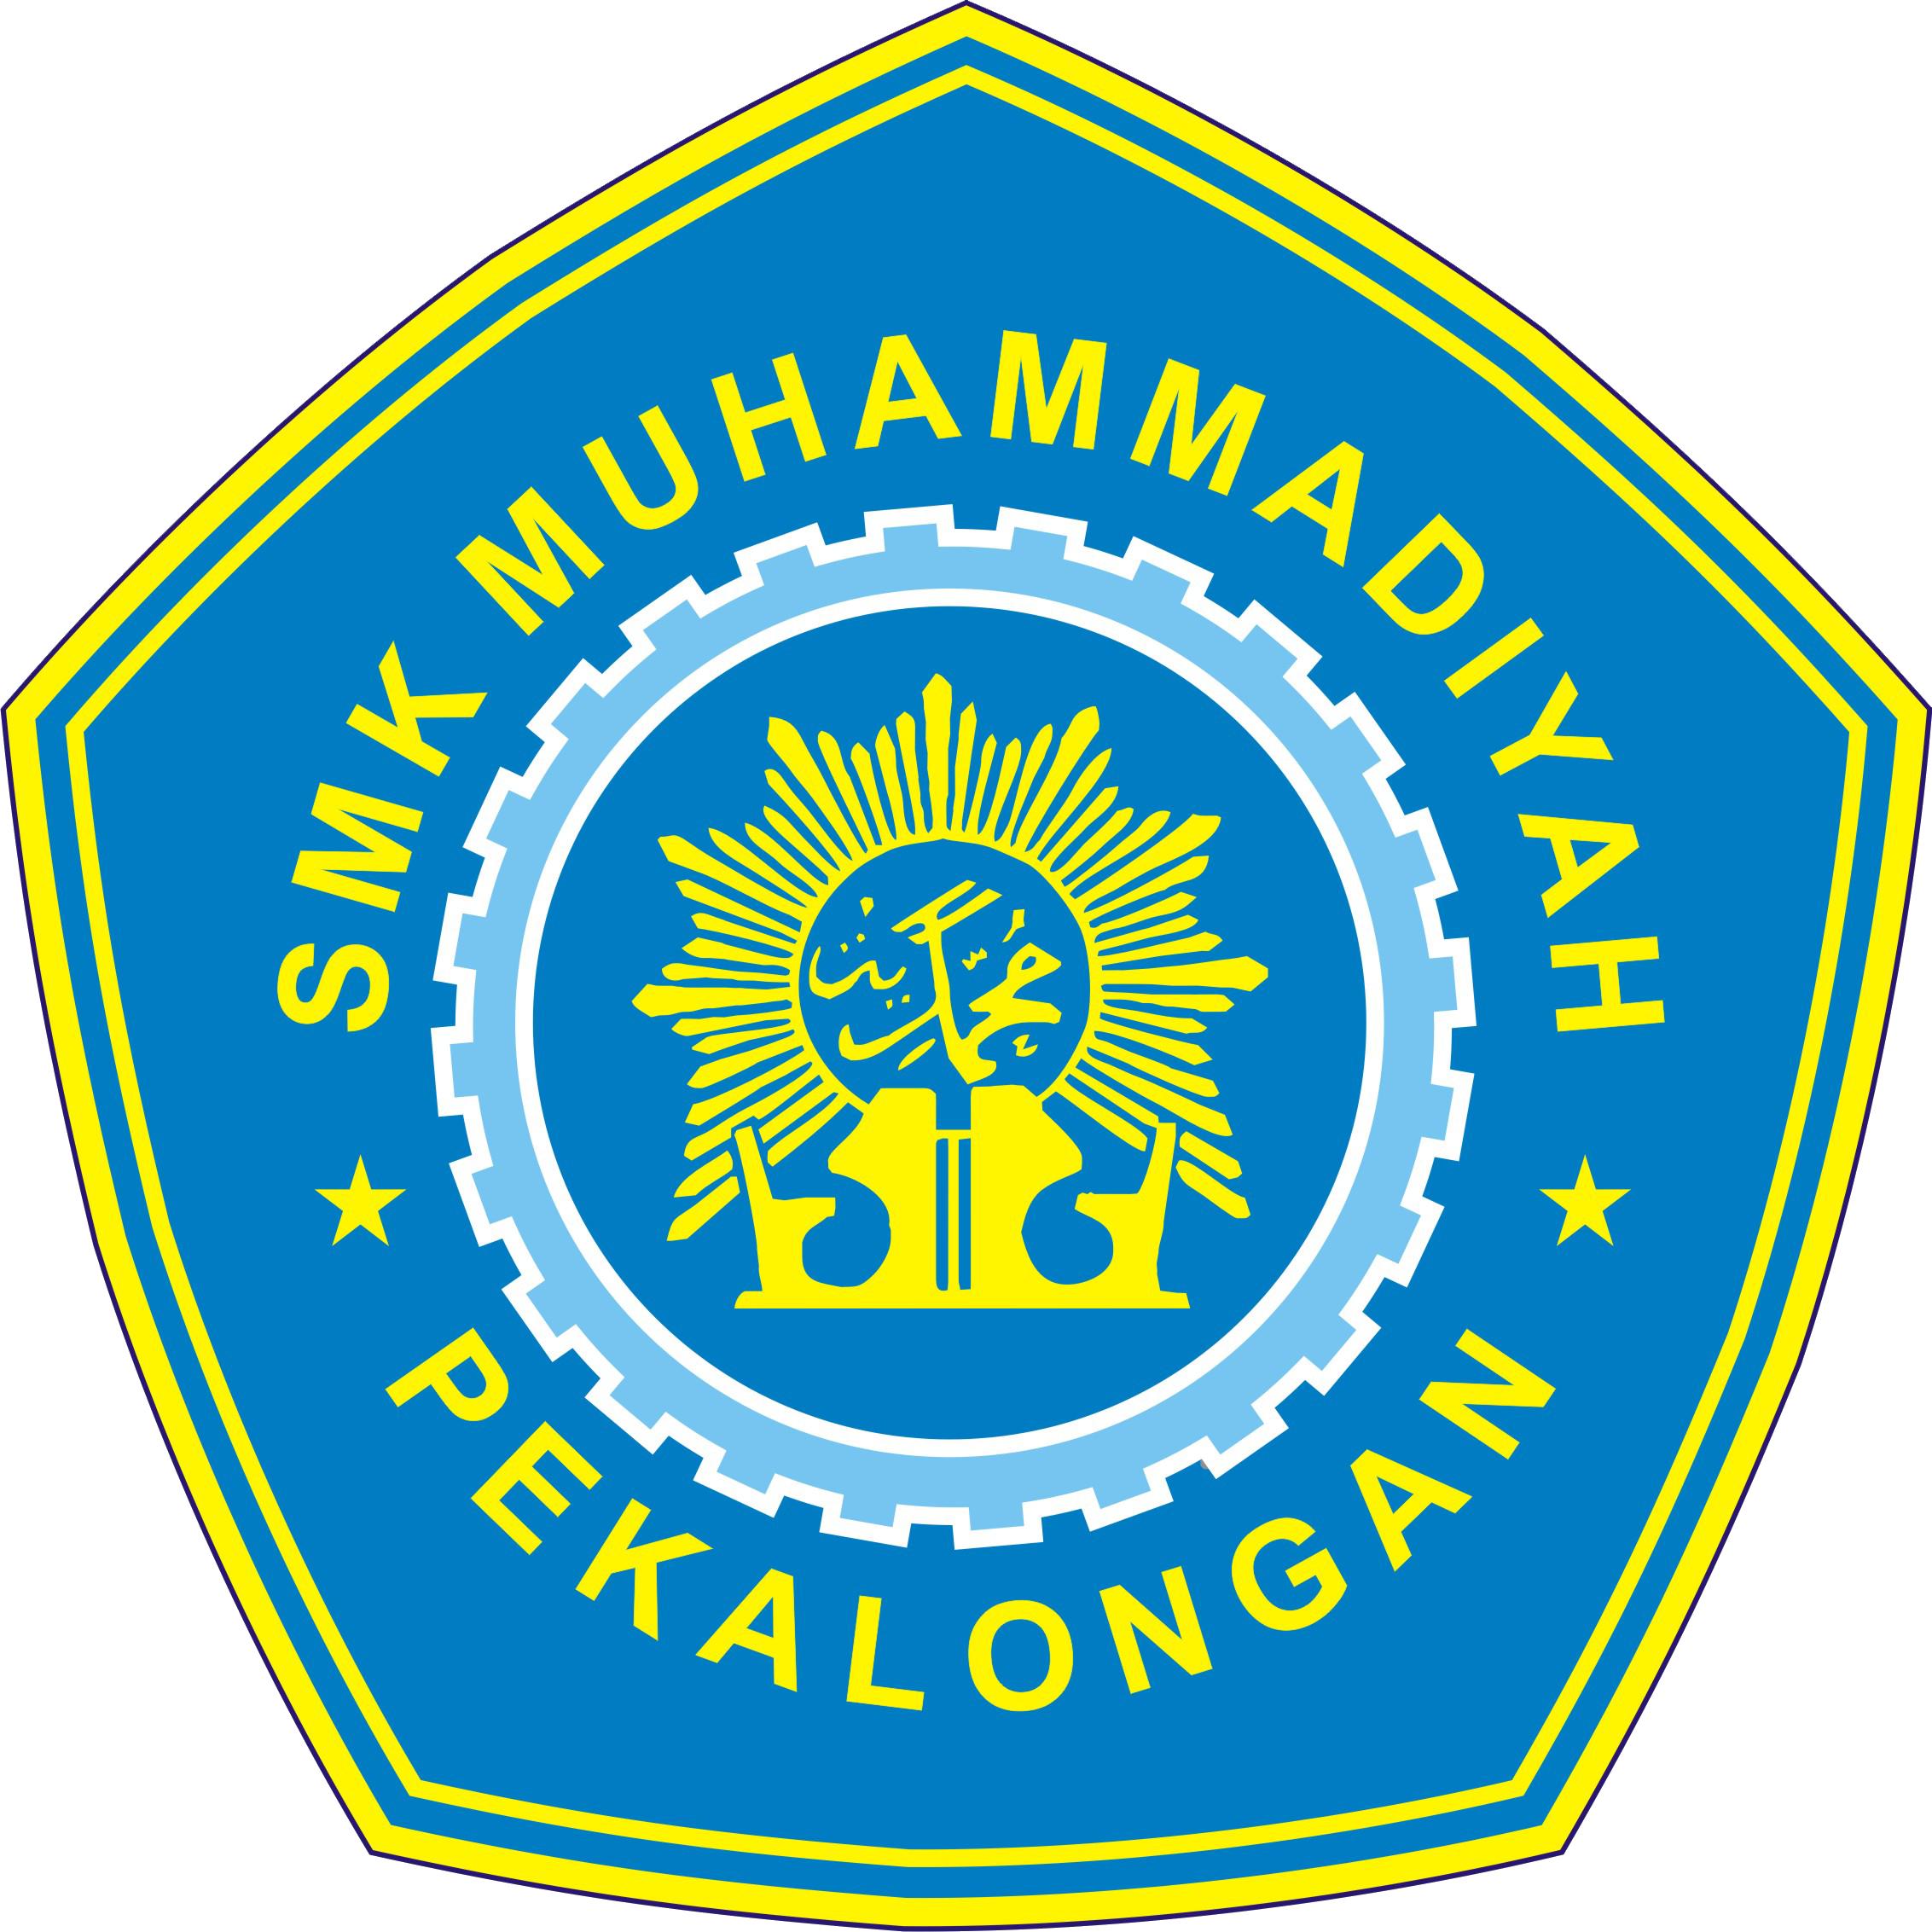 SMK Muhammadiyah Pekalongan - Insan Mulia Berkompeten